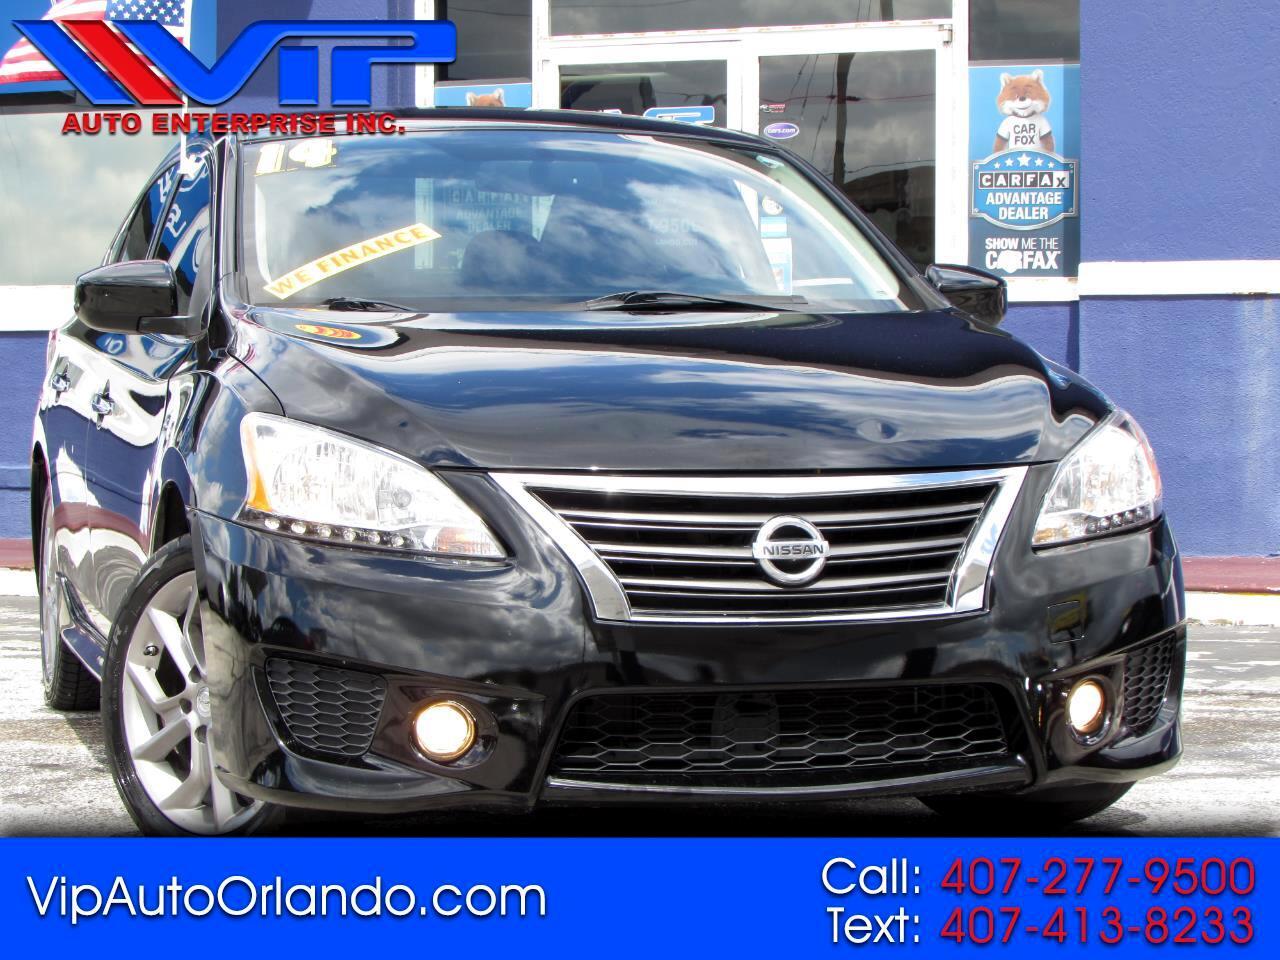 Nissan Sentra 4dr Sdn I4 CVT SR 2014